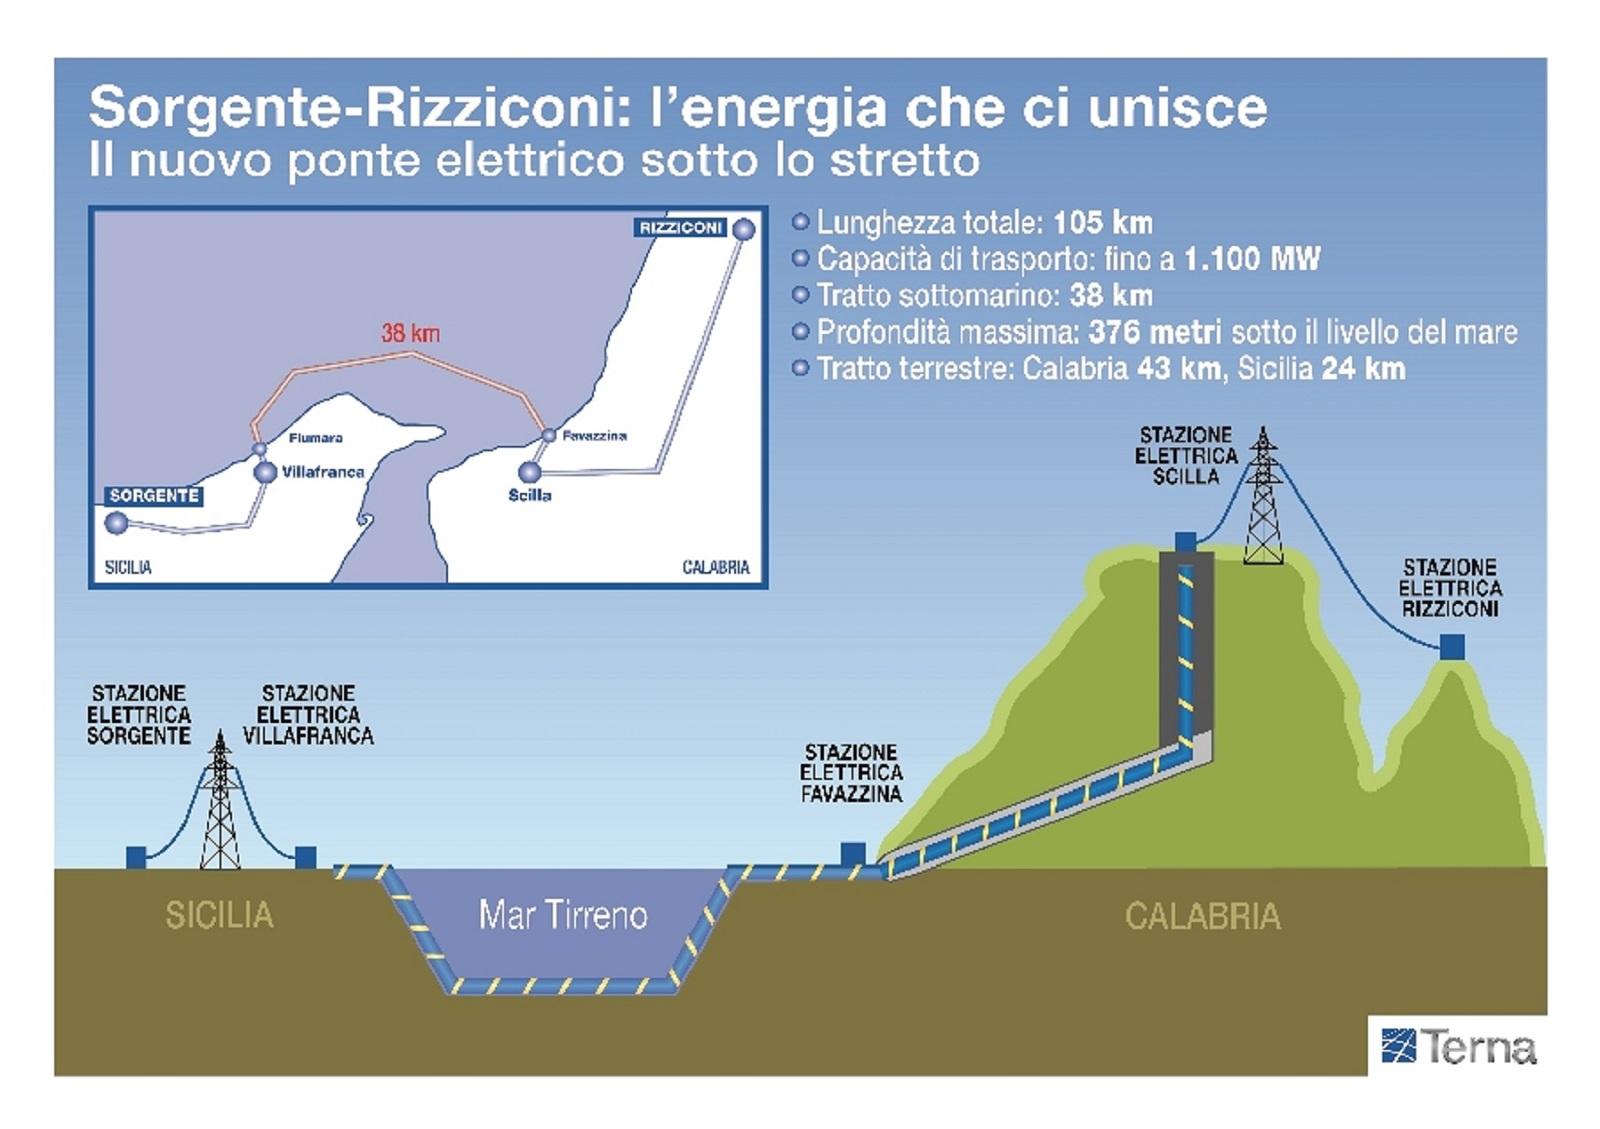 Terna, Sorgente, Rizziconi, Sicilia, Calabria, Italia, linea, trasmissione, cavo, sottomarino, record, energia, potenza, capacità, affidabilità, sicurezza, Energy Close-up Engineering